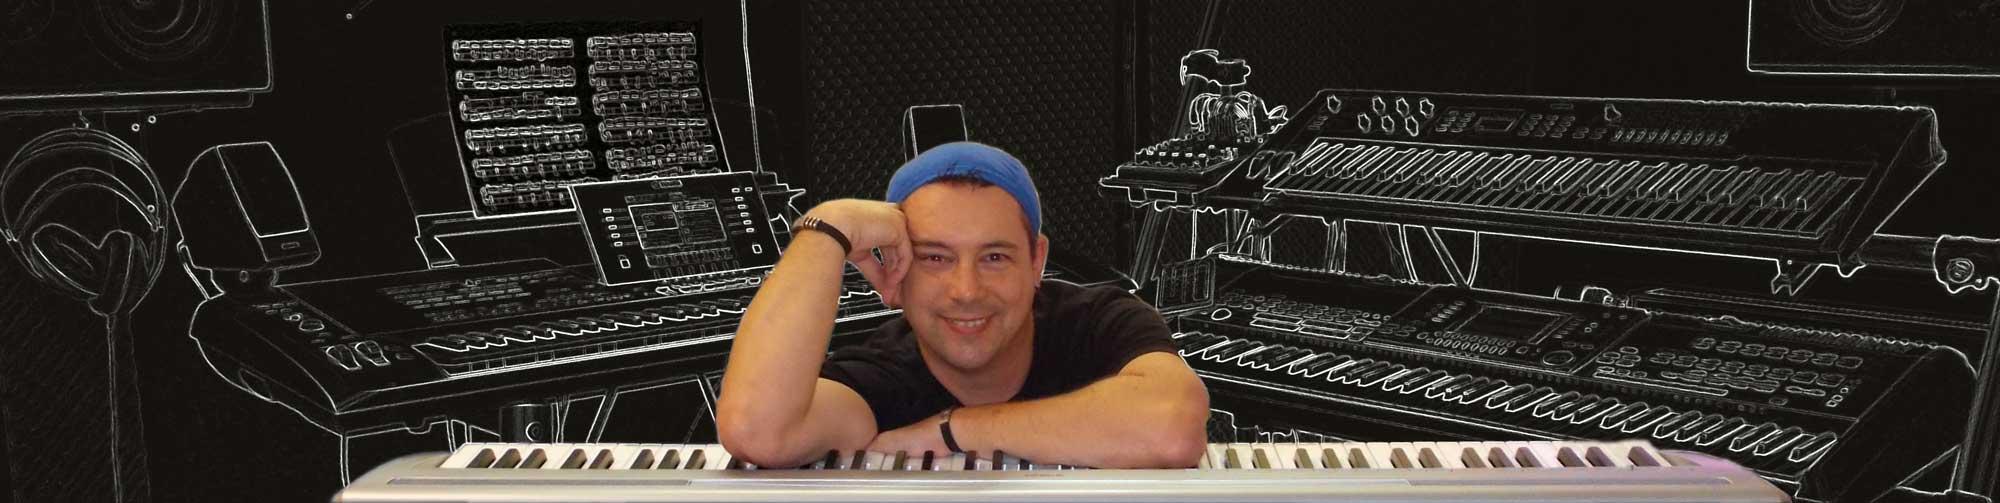 Mit deinem Coach Niño Loco ganz easy Keyboard lernen, einfach online von zu hause aus.